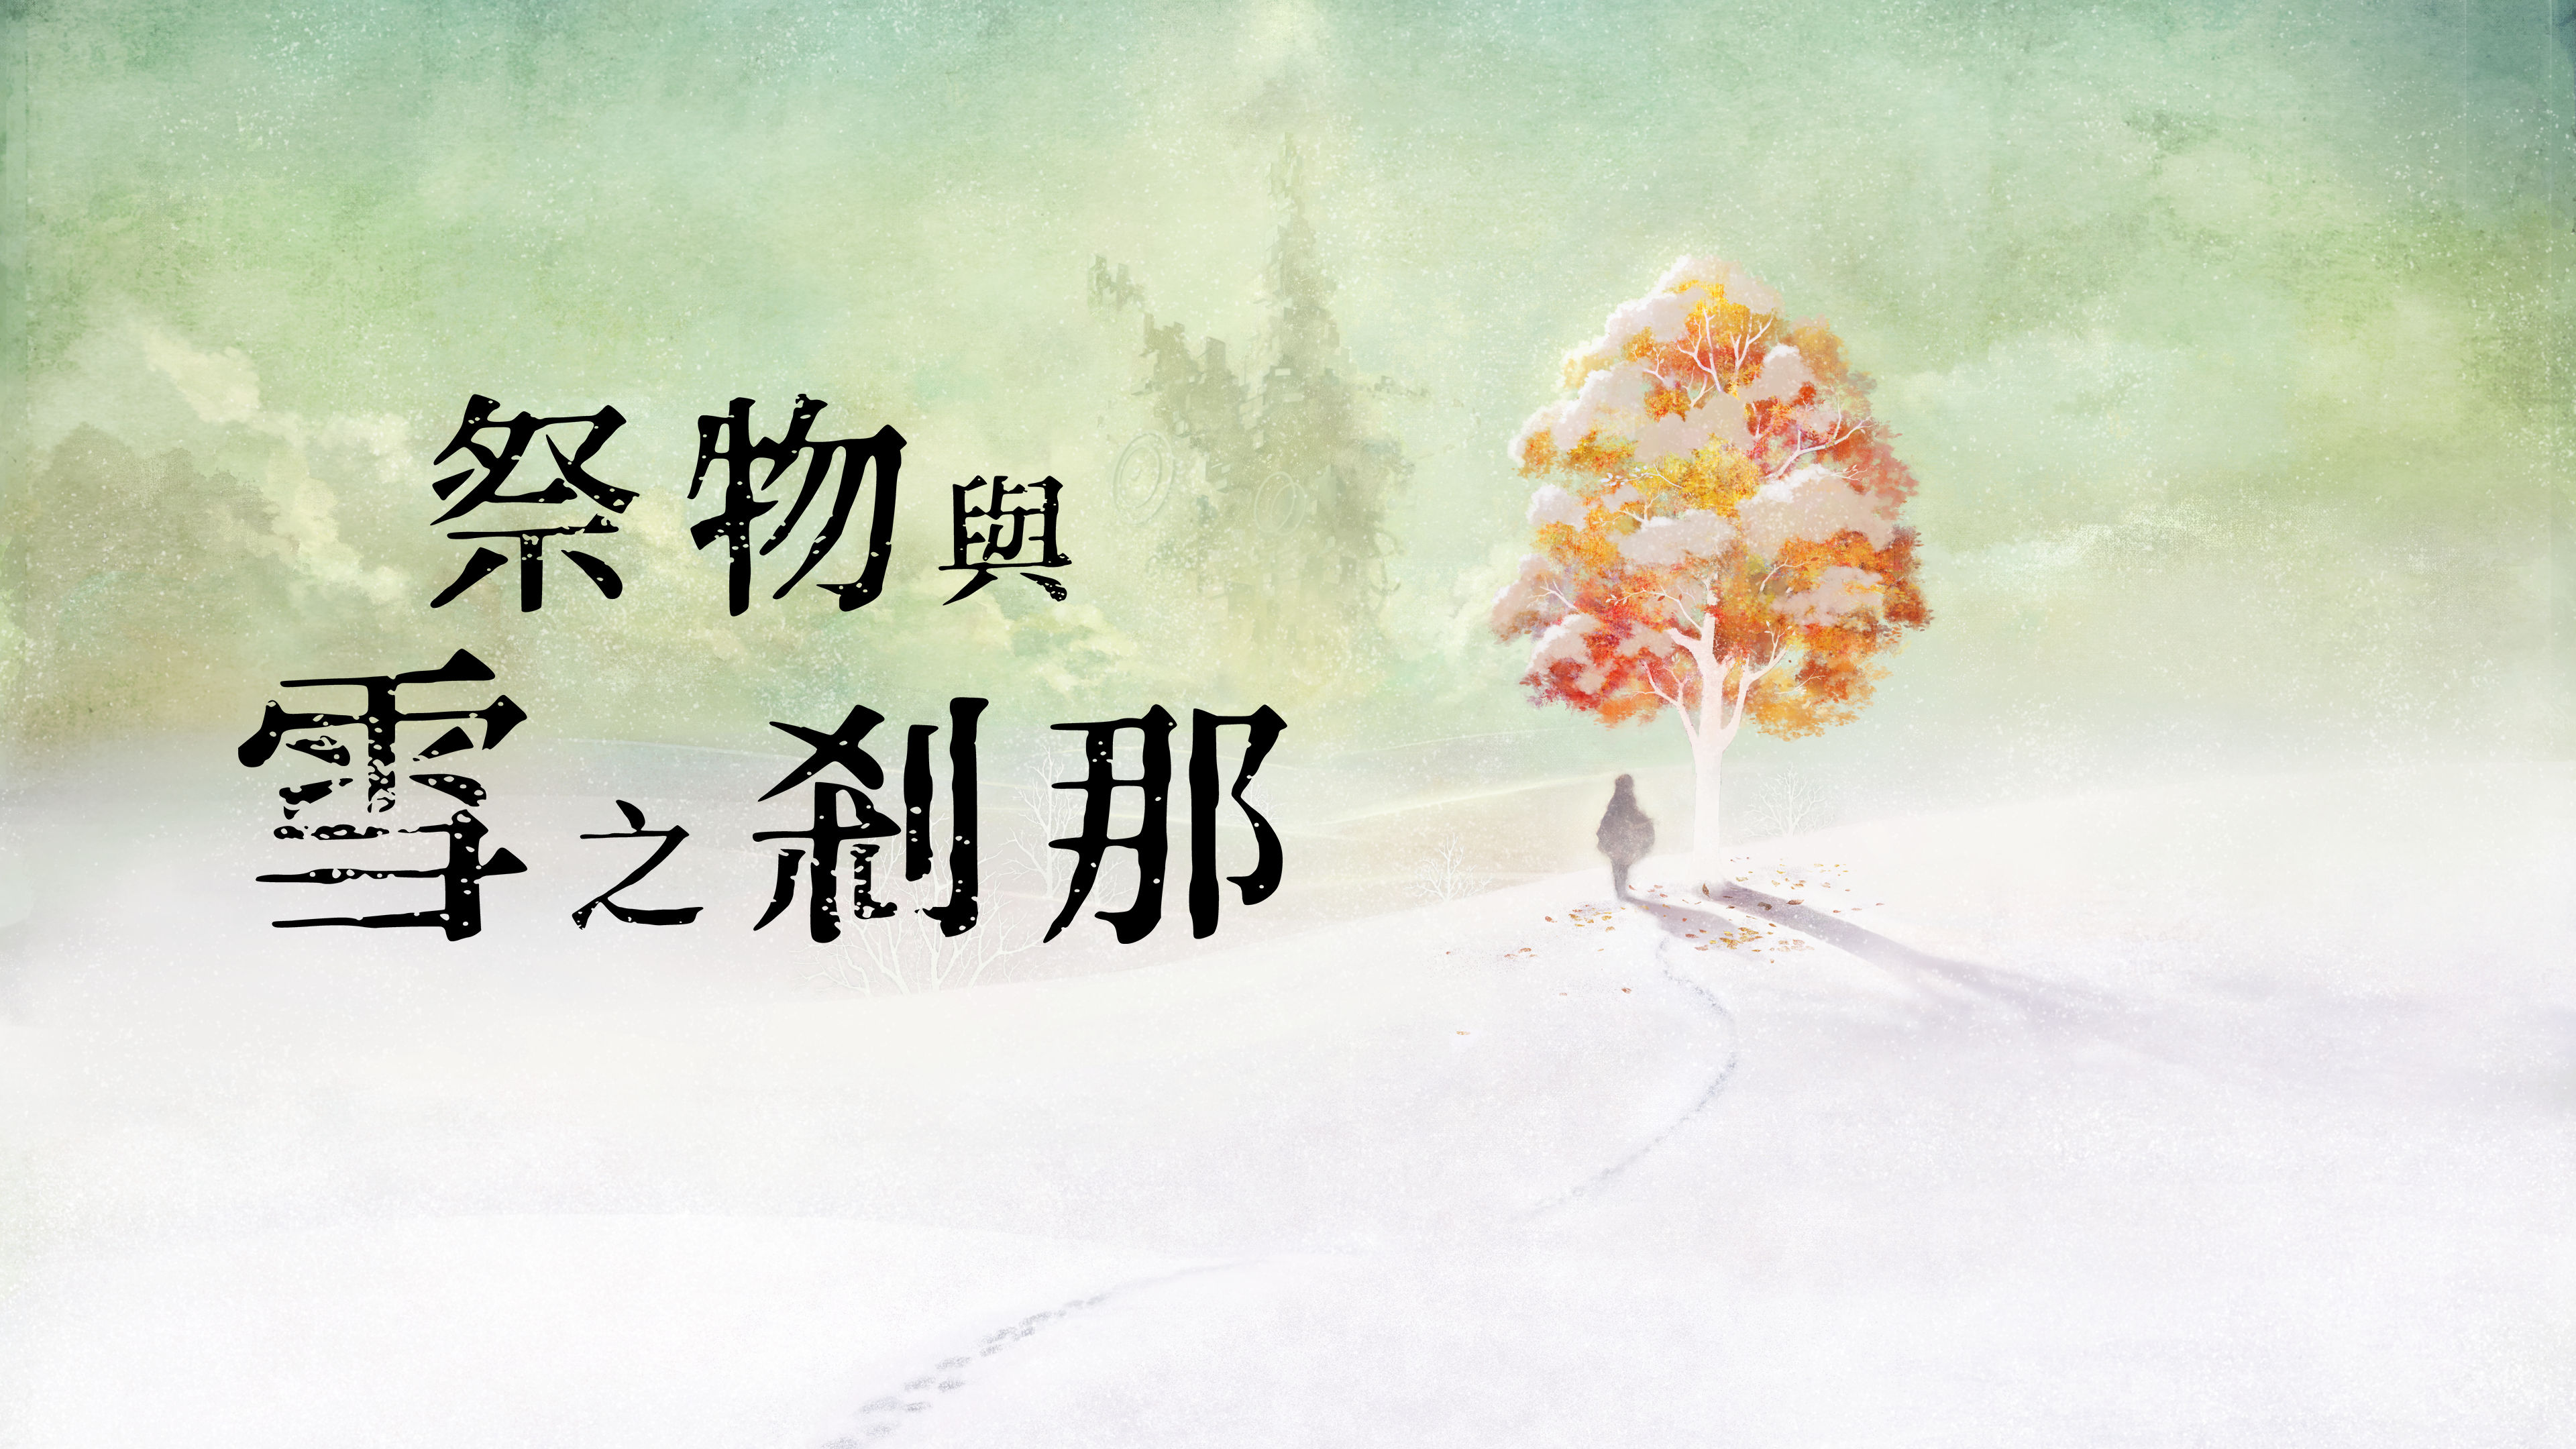 祭物與雪之剎那 (韓文, 英文, 繁體中文, 日文)